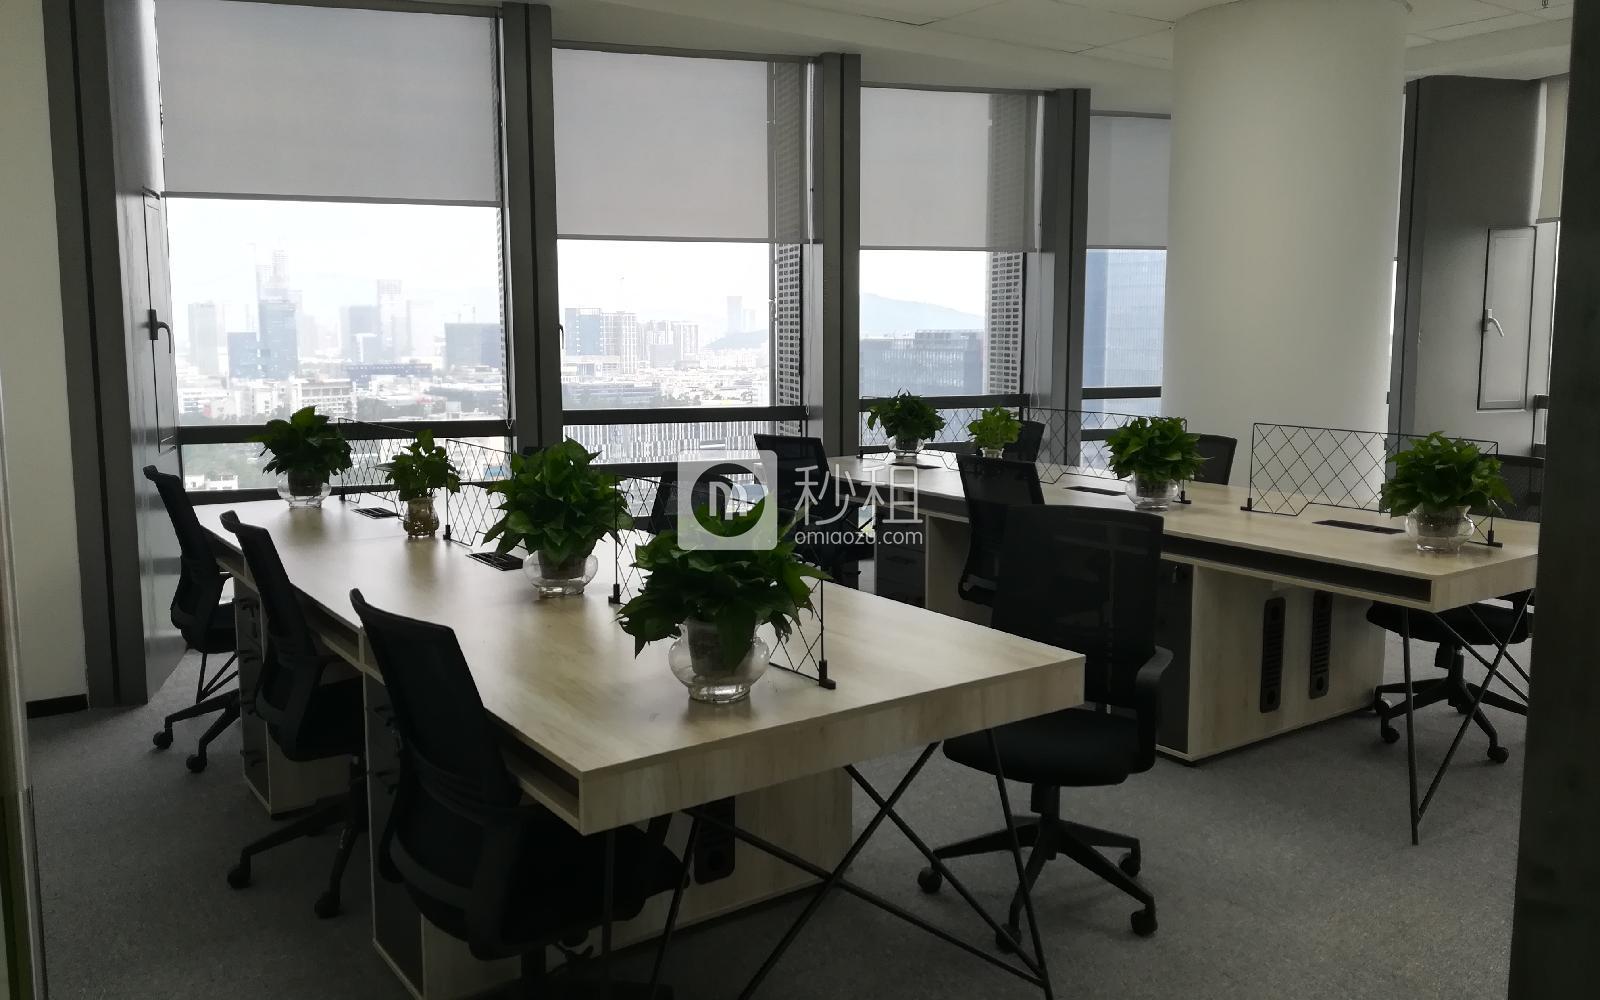 七星公社-劲嘉科技大厦